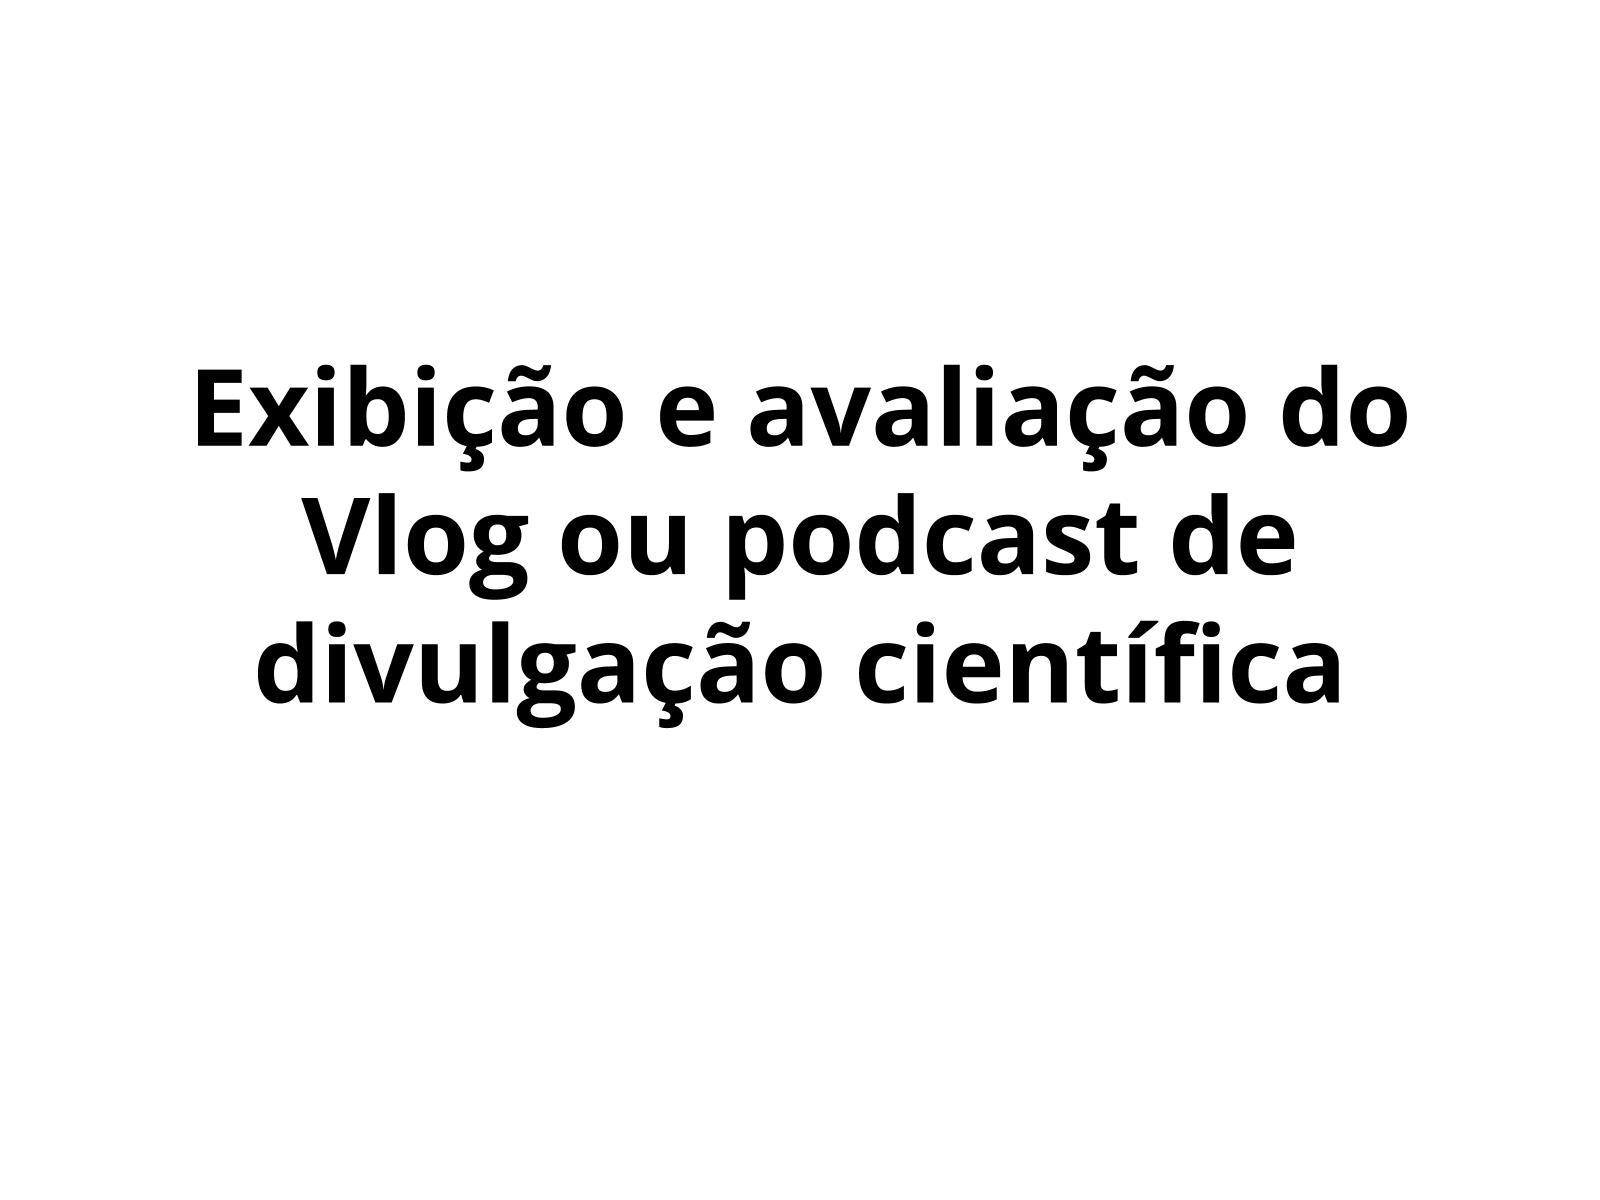 Exibição e avaliação do Vlog ou podcast de divulgação científica